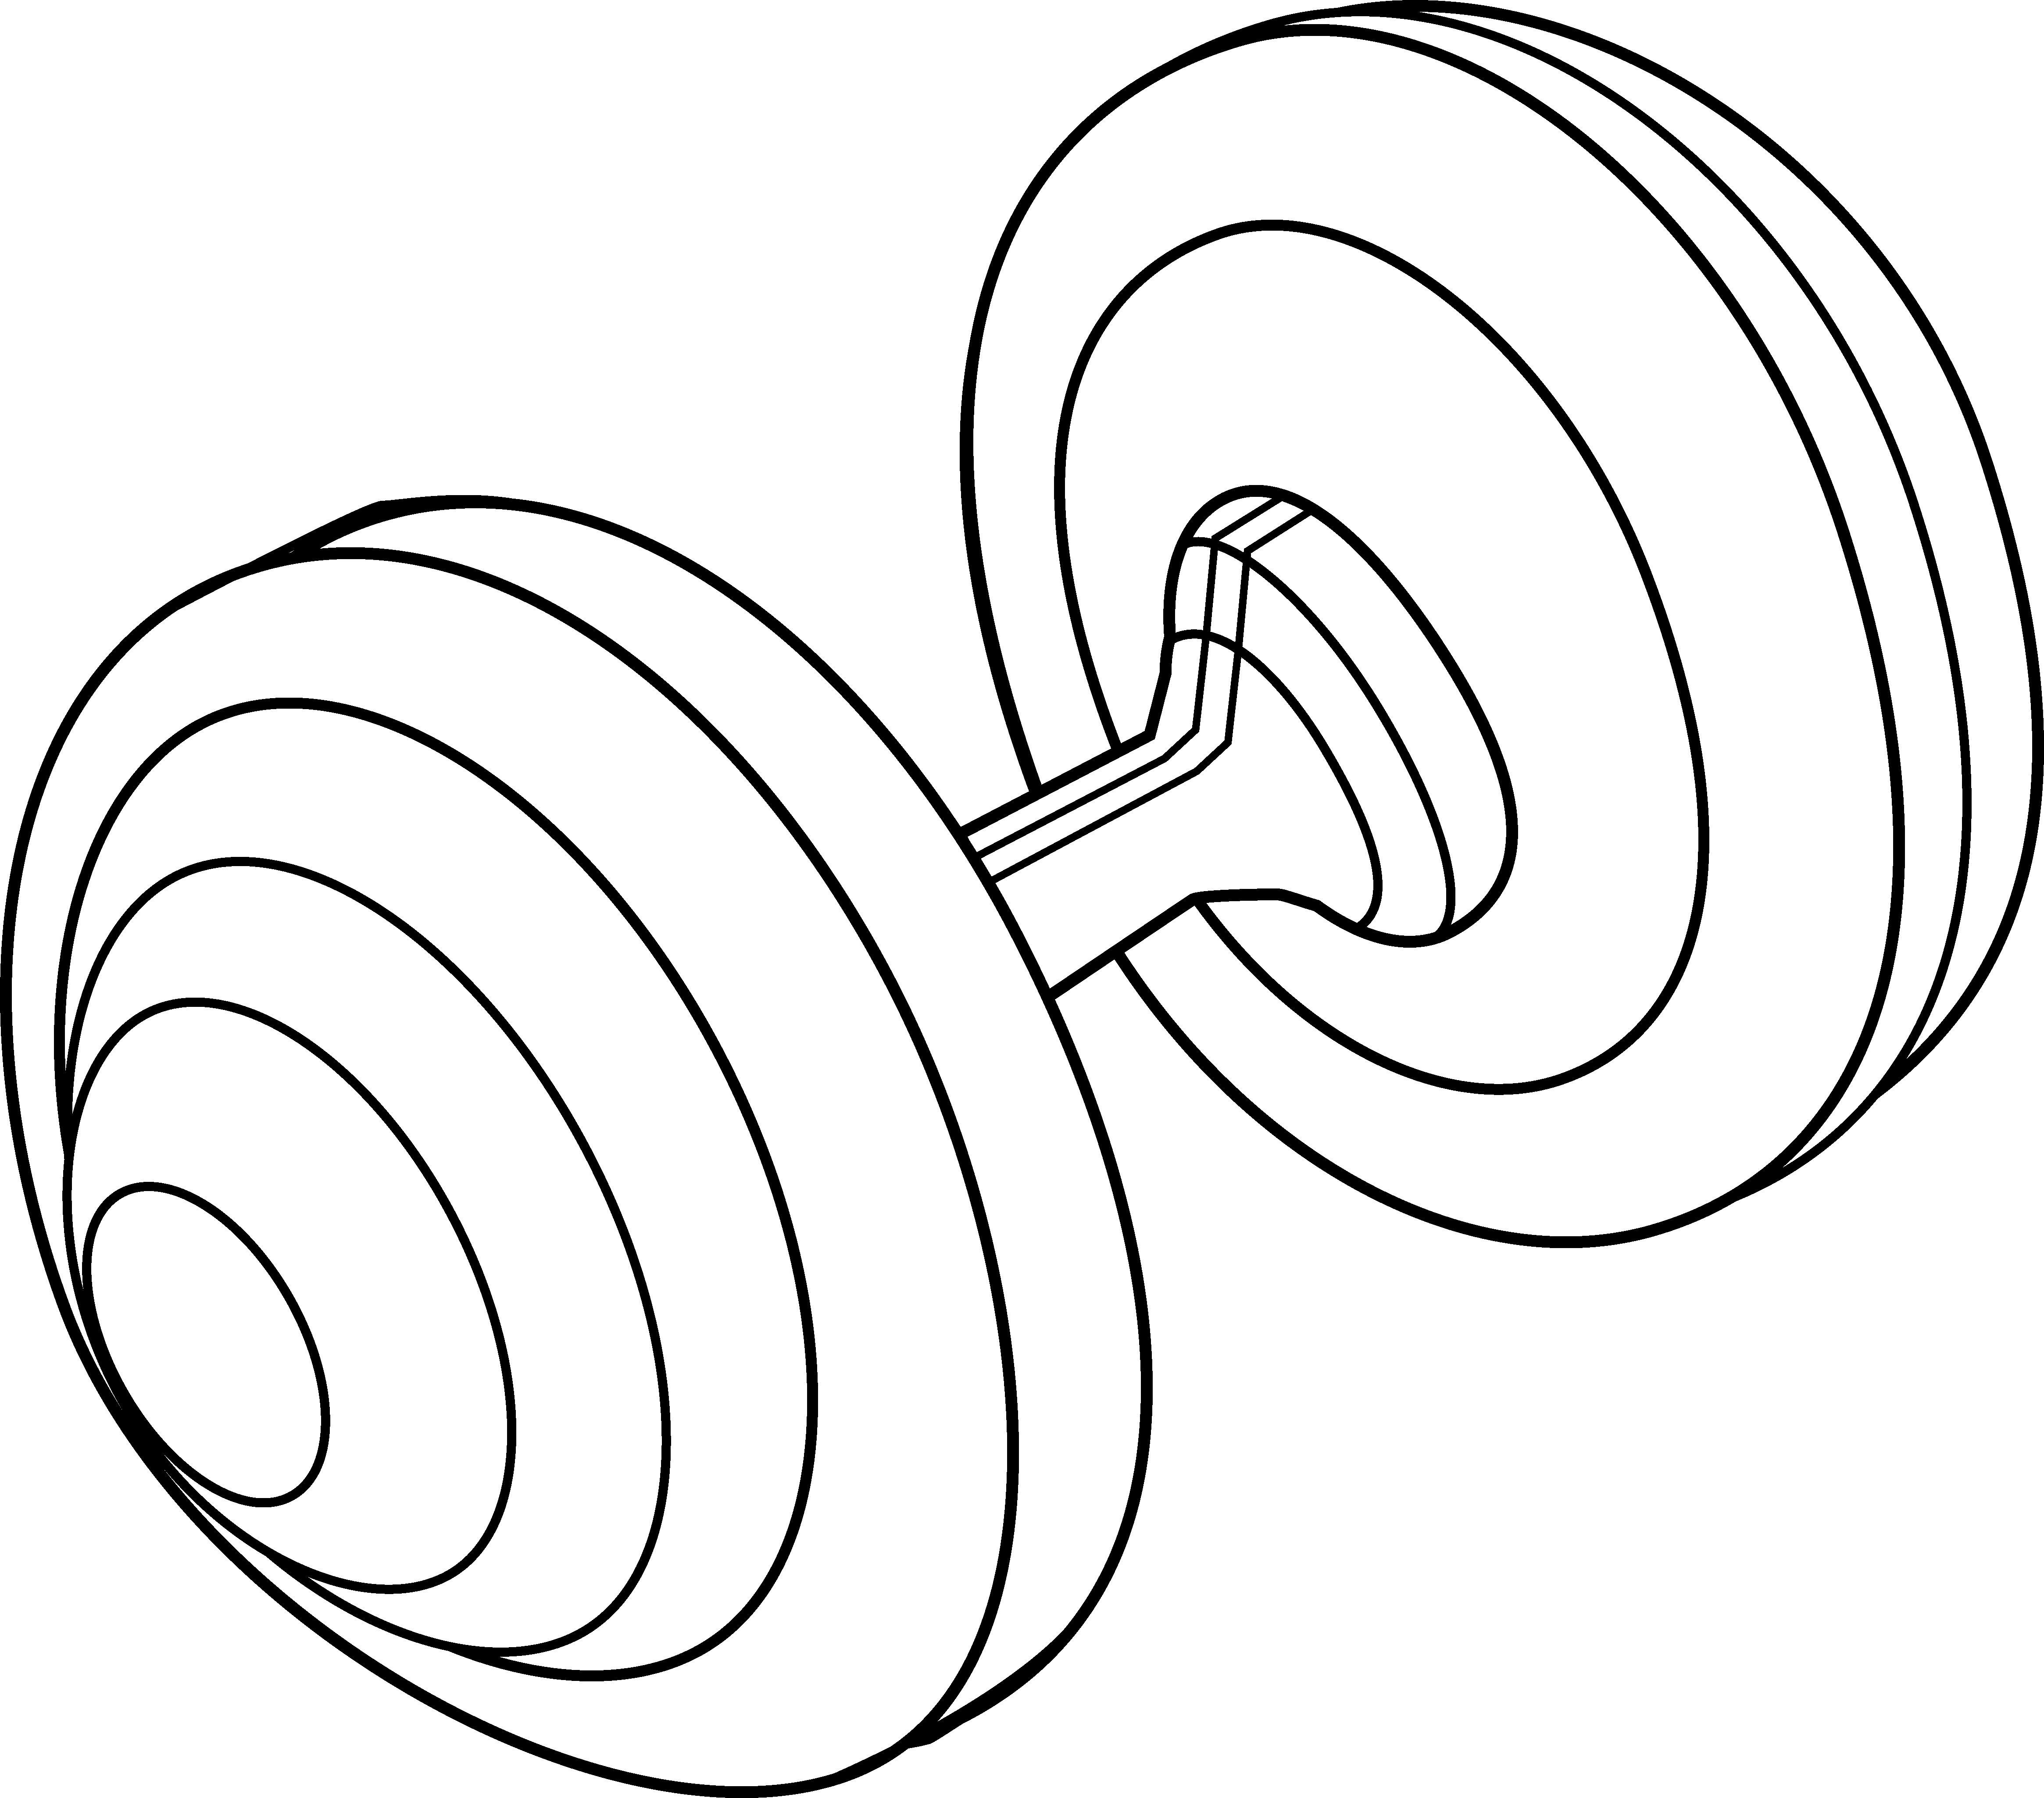 4660x4100 Barbell Weight Line Art